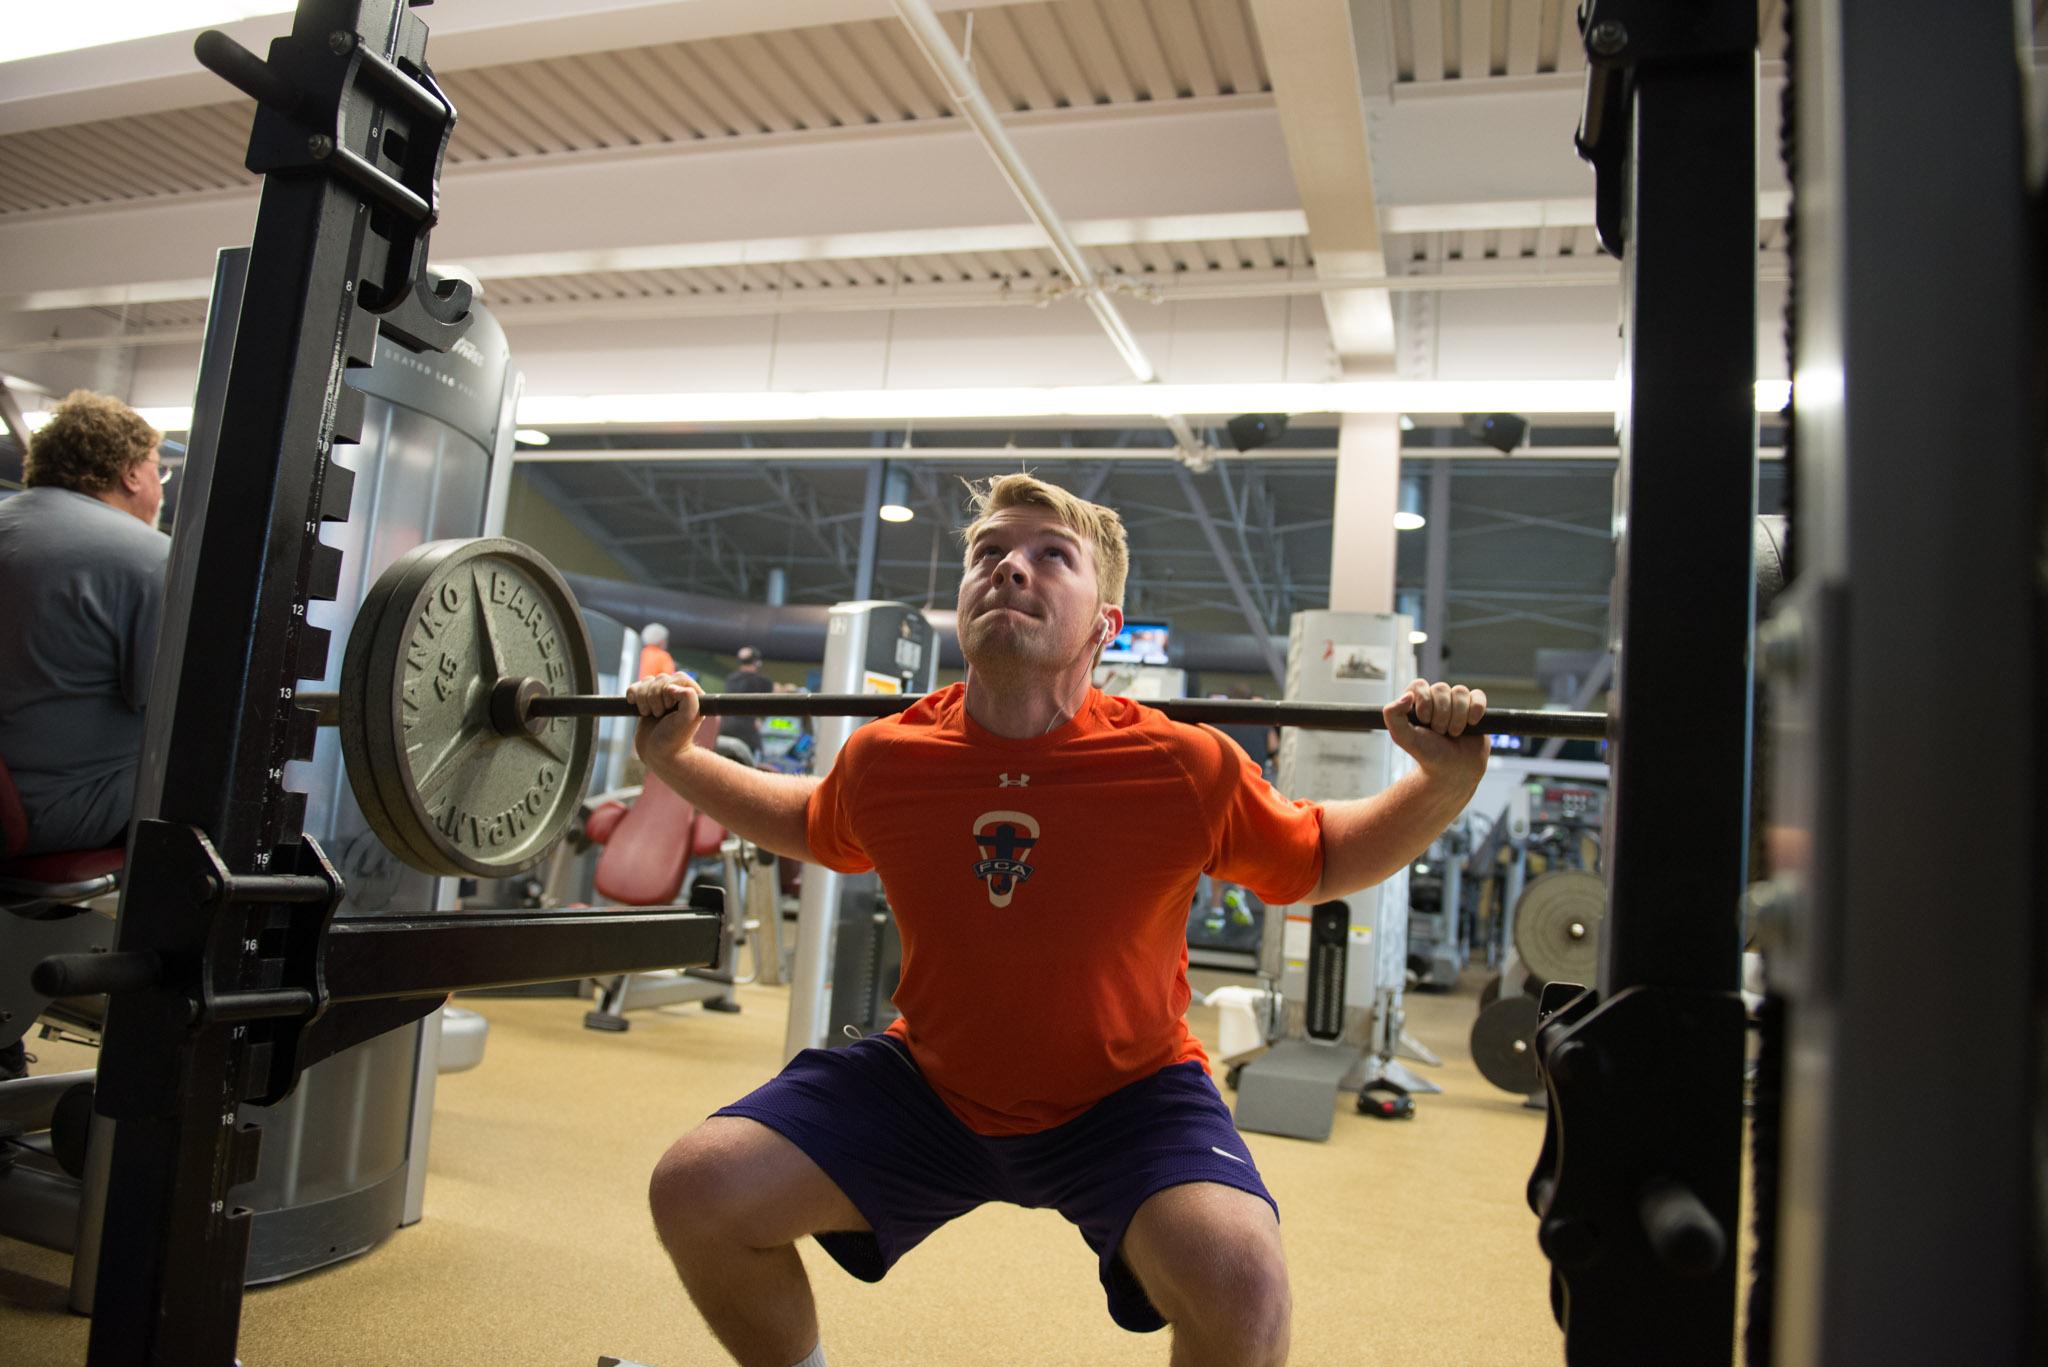 Wellness Center Stock Photos-1328.jpg